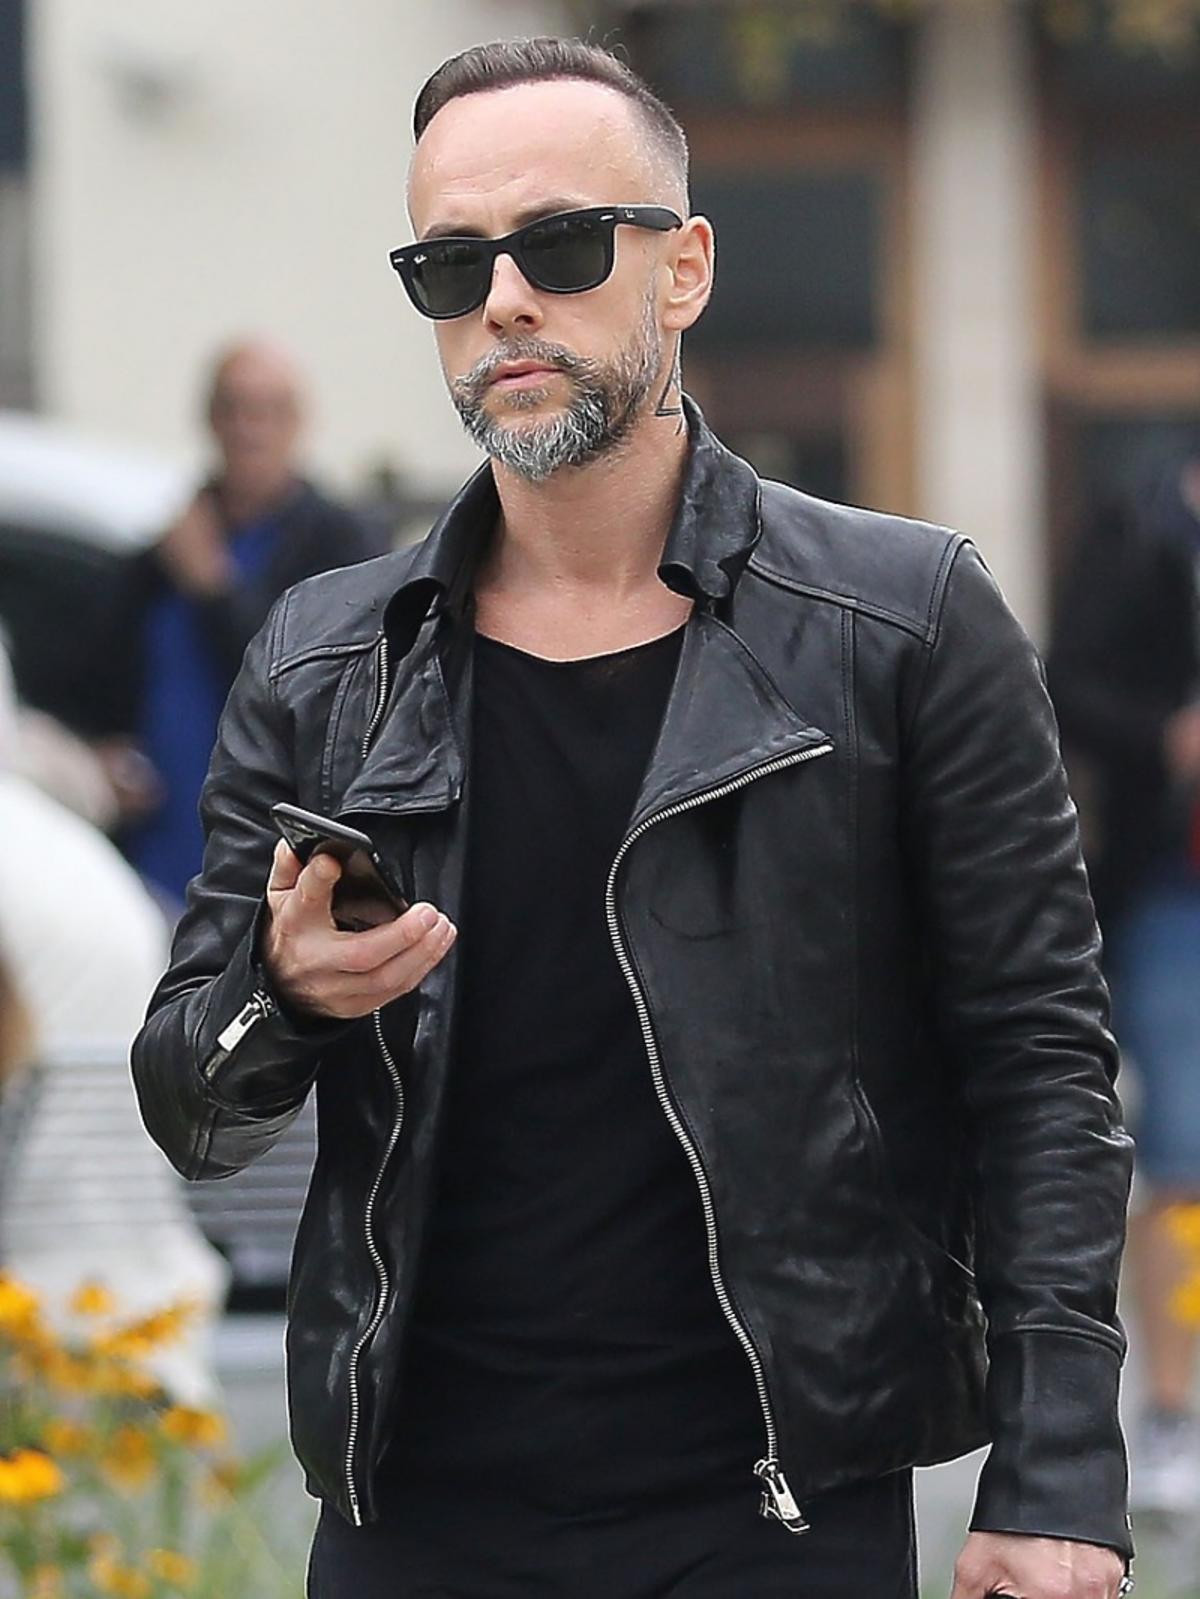 Nergal na ulicy w czarnej skórzanej kurtce, okularach przeciwsłonecznych trzyma w ręku telefon komórkowy